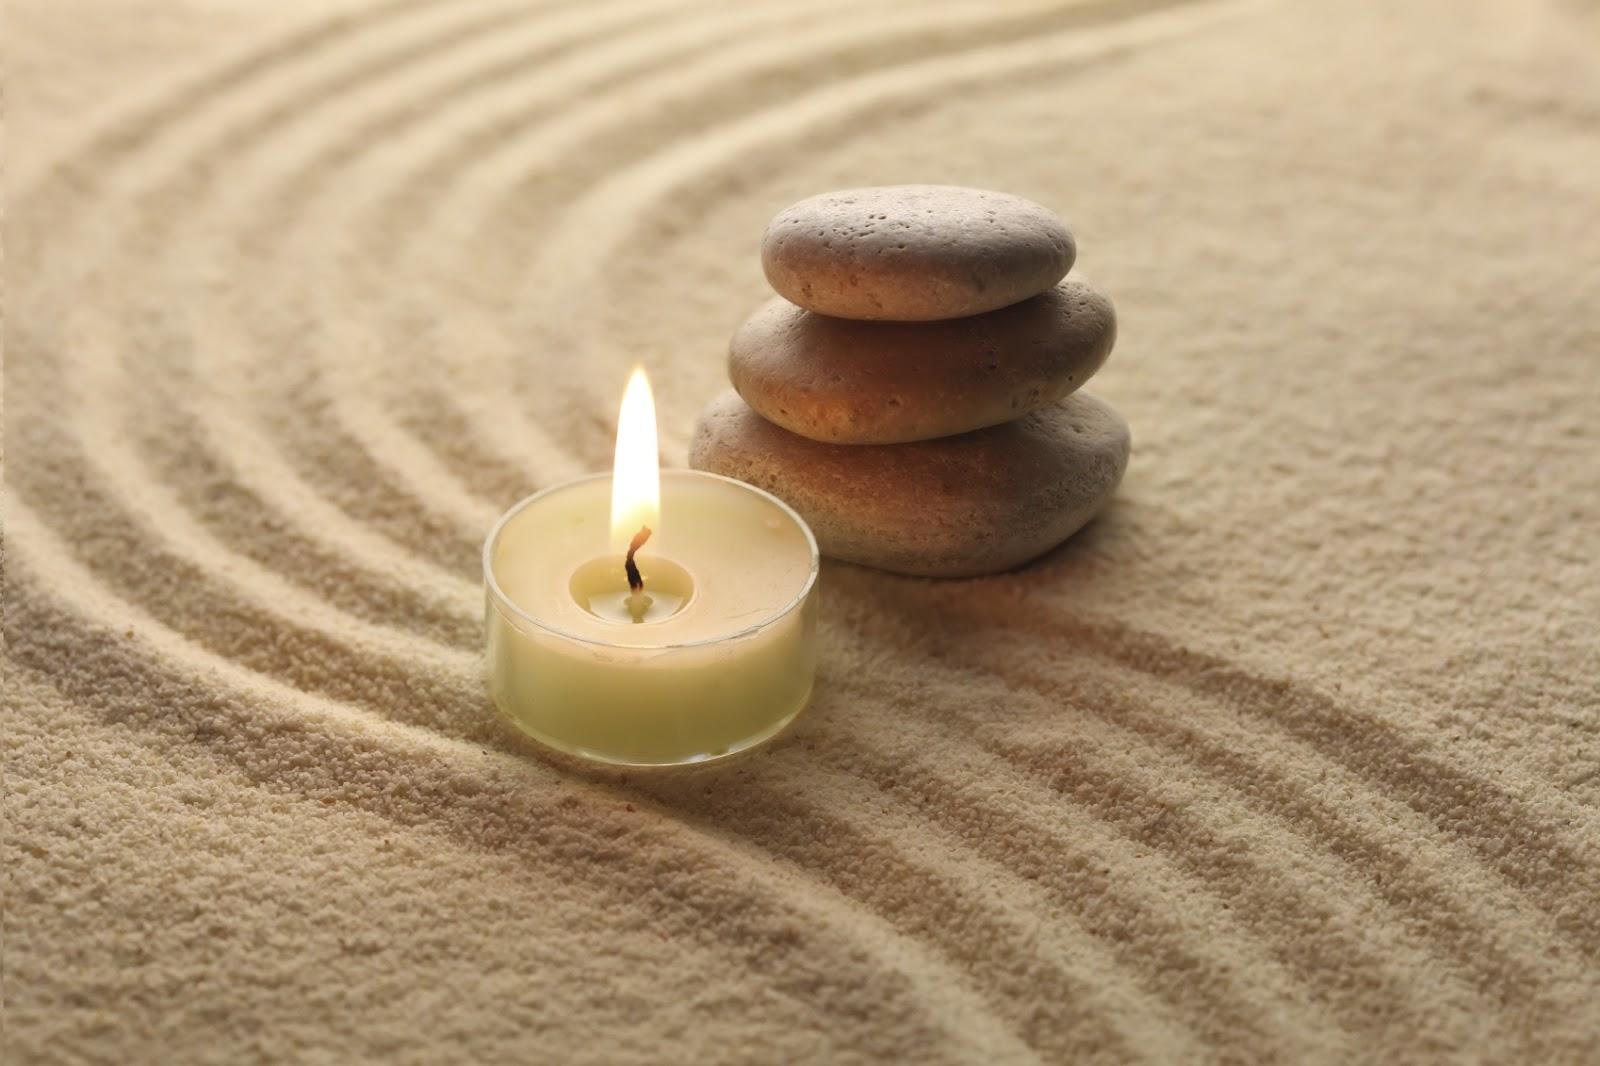 禪宗佛教是屬於無上佛教,因此對於佛教三學「戒、定、慧」的解釋,是更超越的,也就是「正戒、正定、正慧」,而修行要見證自性,最終成就佛陀,就必須要很實際的修行解脫法門,讓身體的障礙、心理的障礙,及累世業力的障礙,都得到滅度而解脫,這才是真修行。